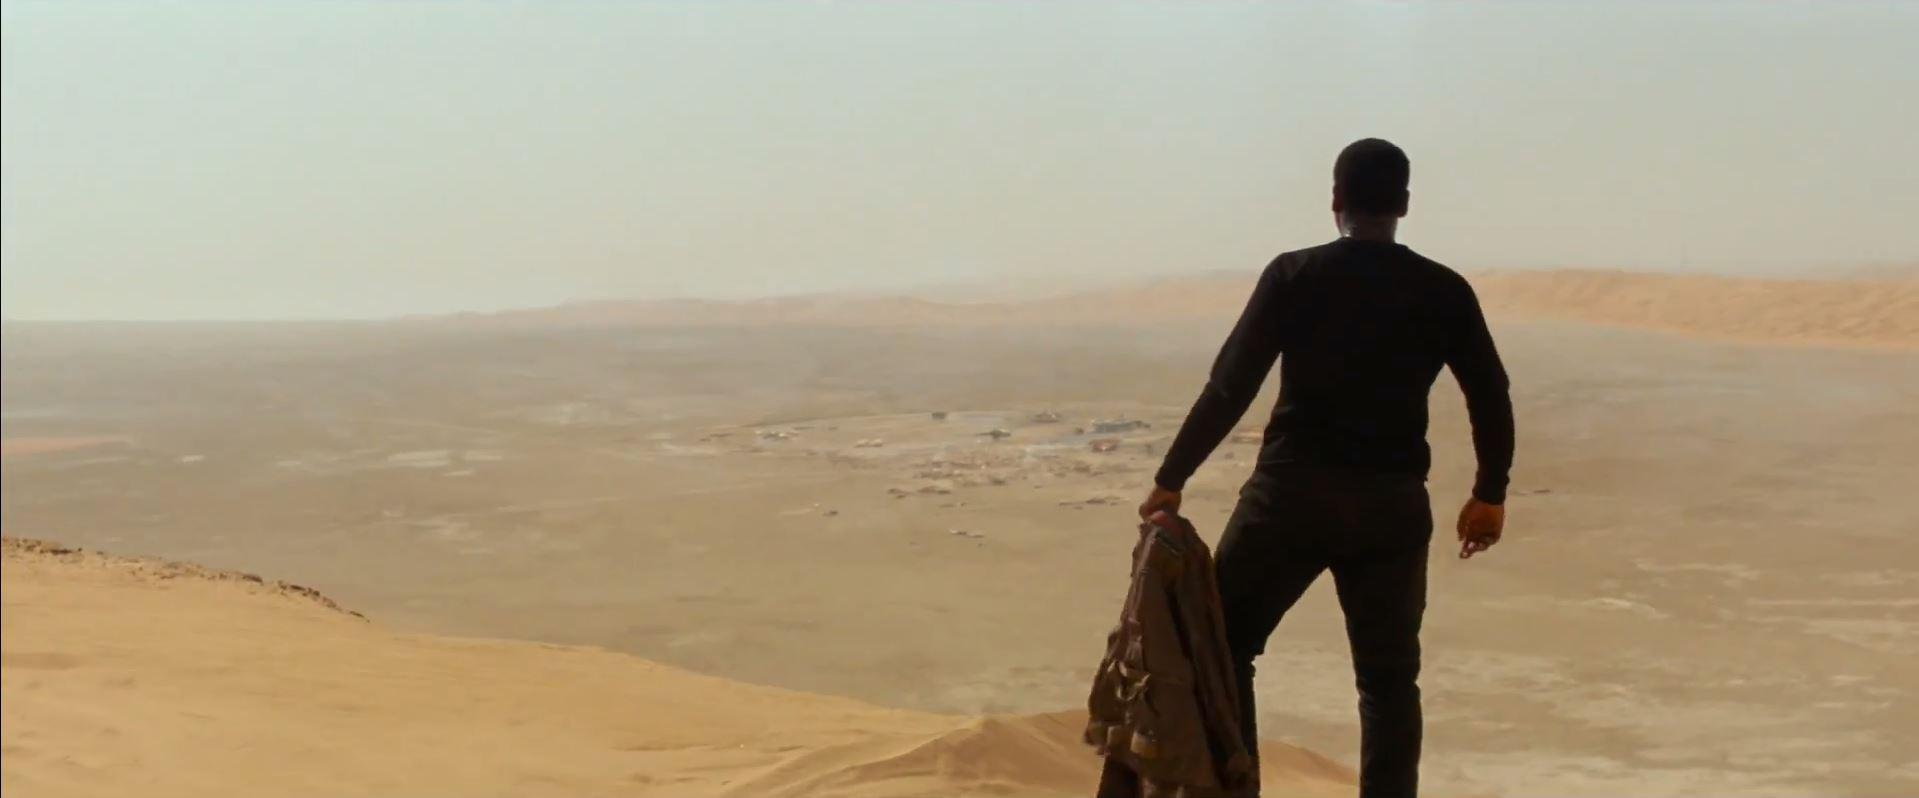 Finn (John Boyega) lands on Jakku. The Force Awakens trailer released